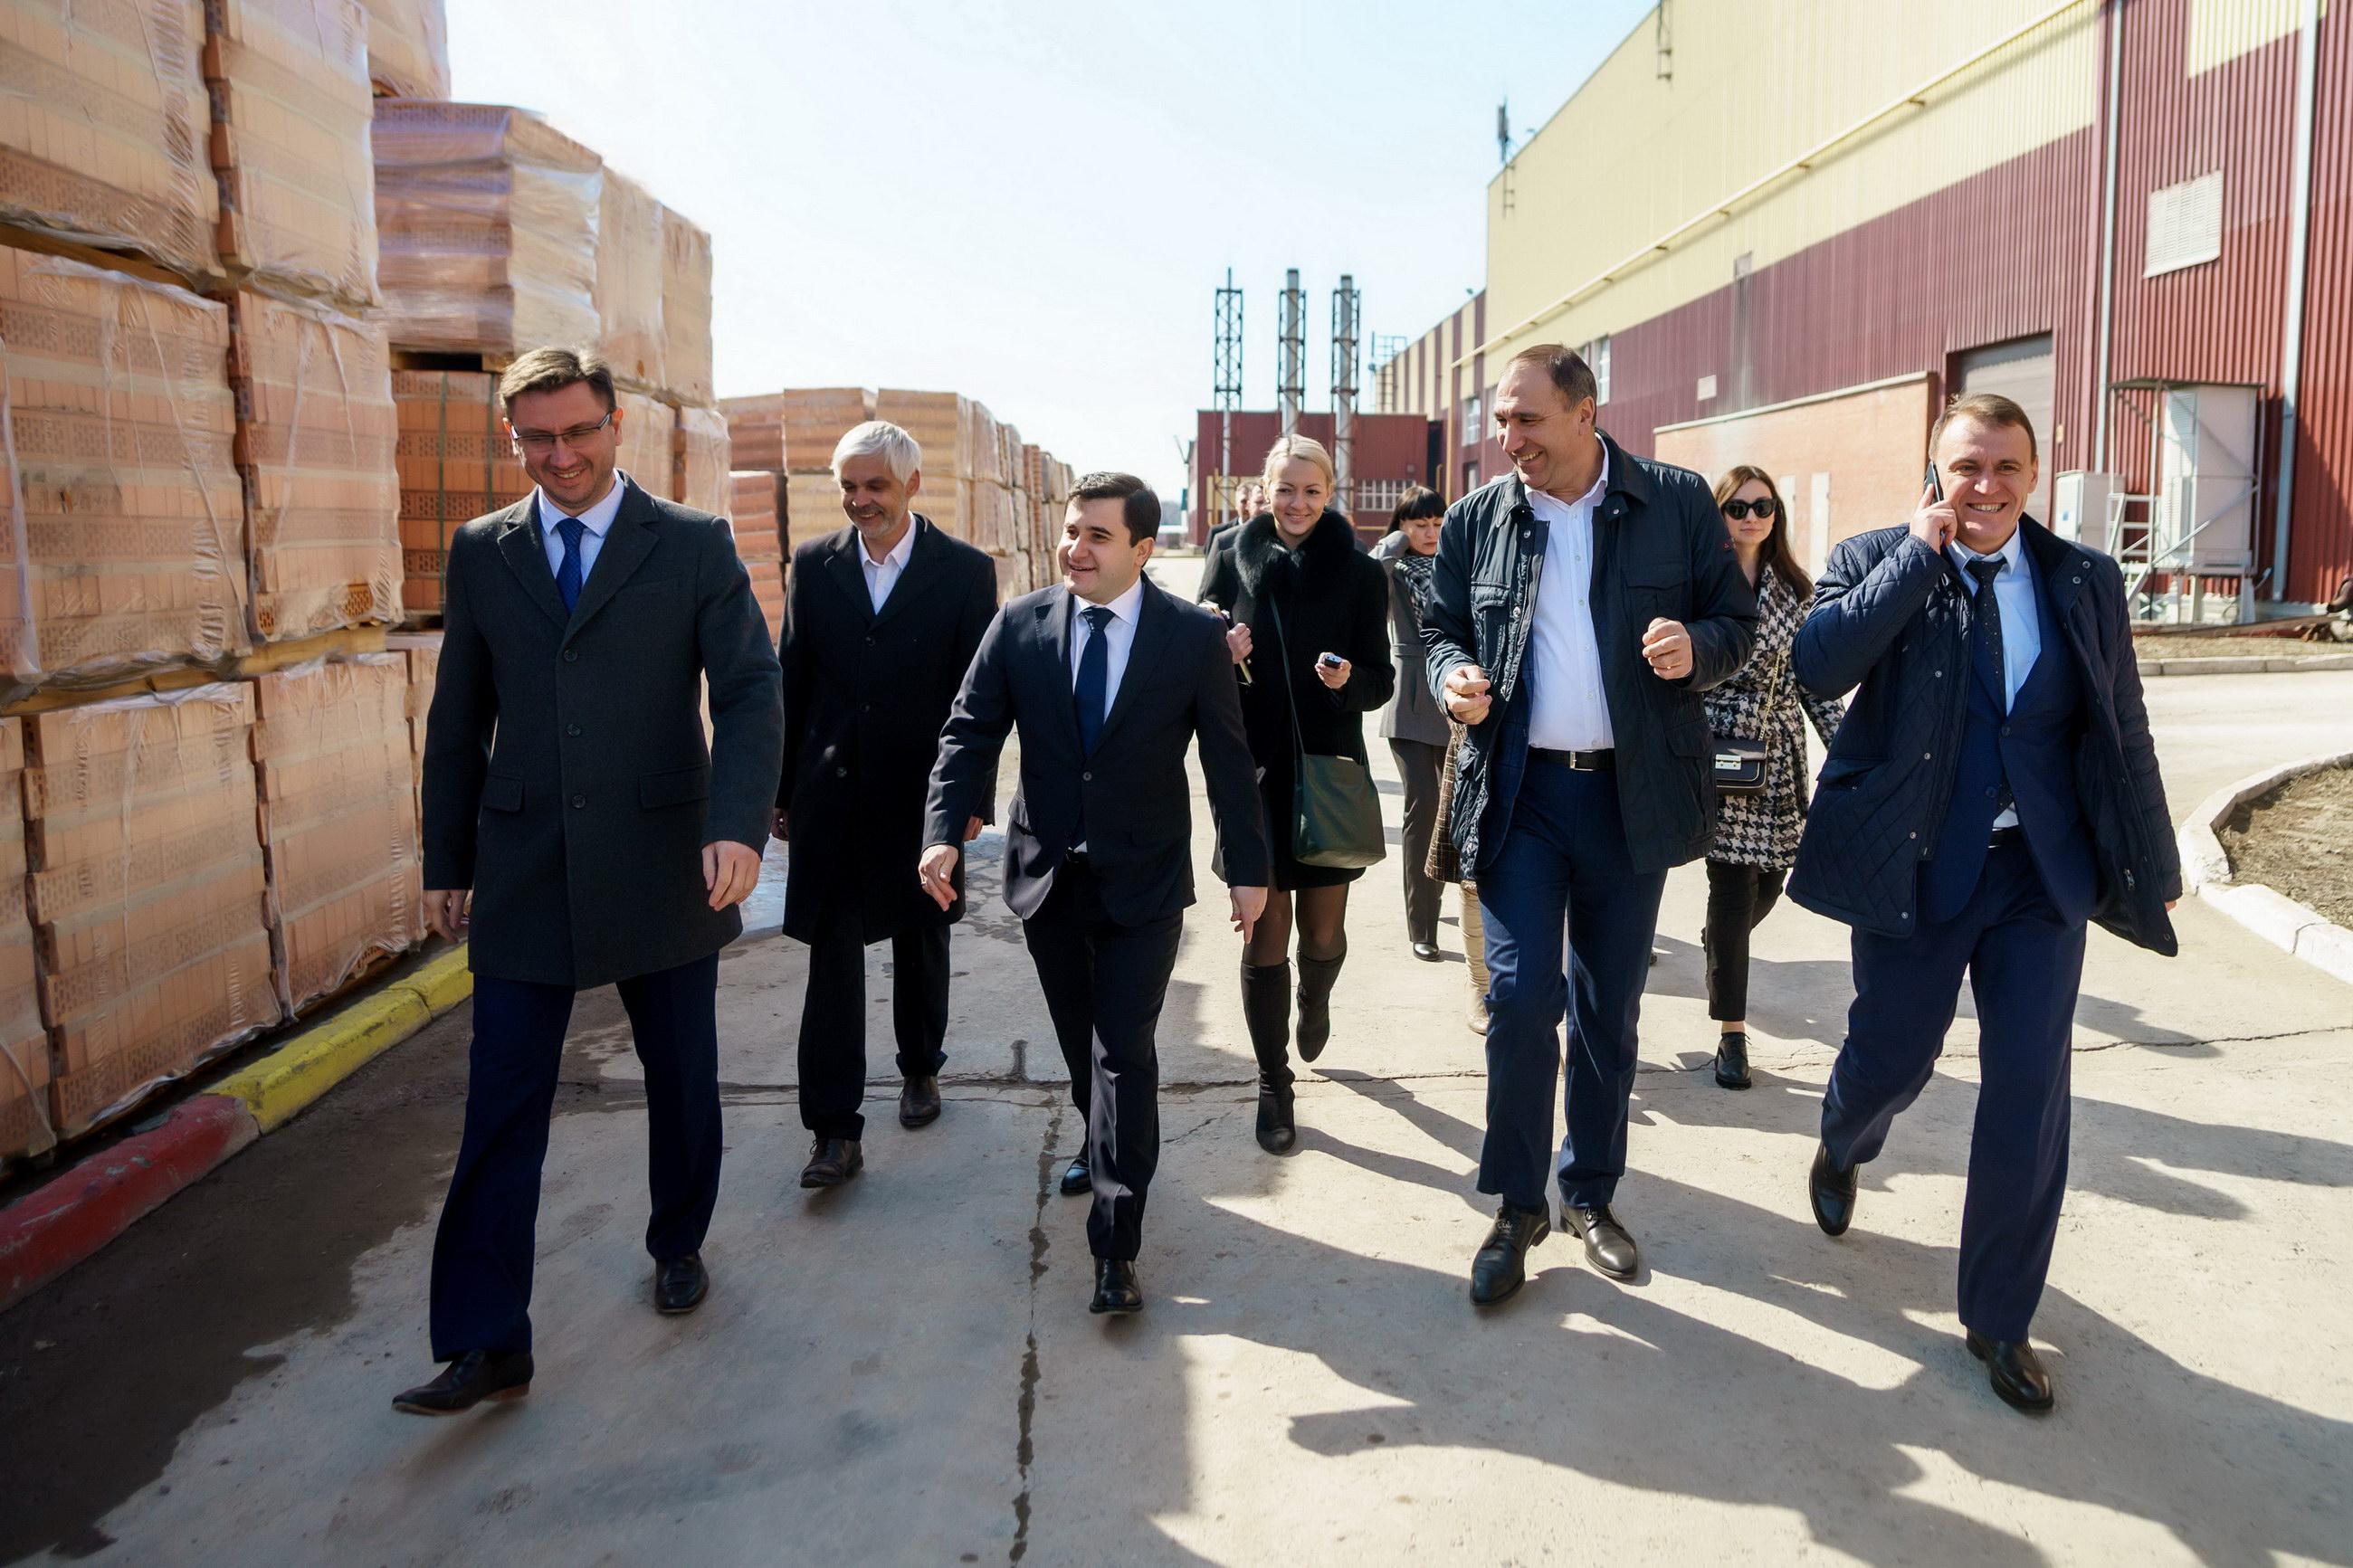 Замминистра строительства РФ посетил кирпичный завод Ликолор (Группа компаний «Первый строительный фонд»)